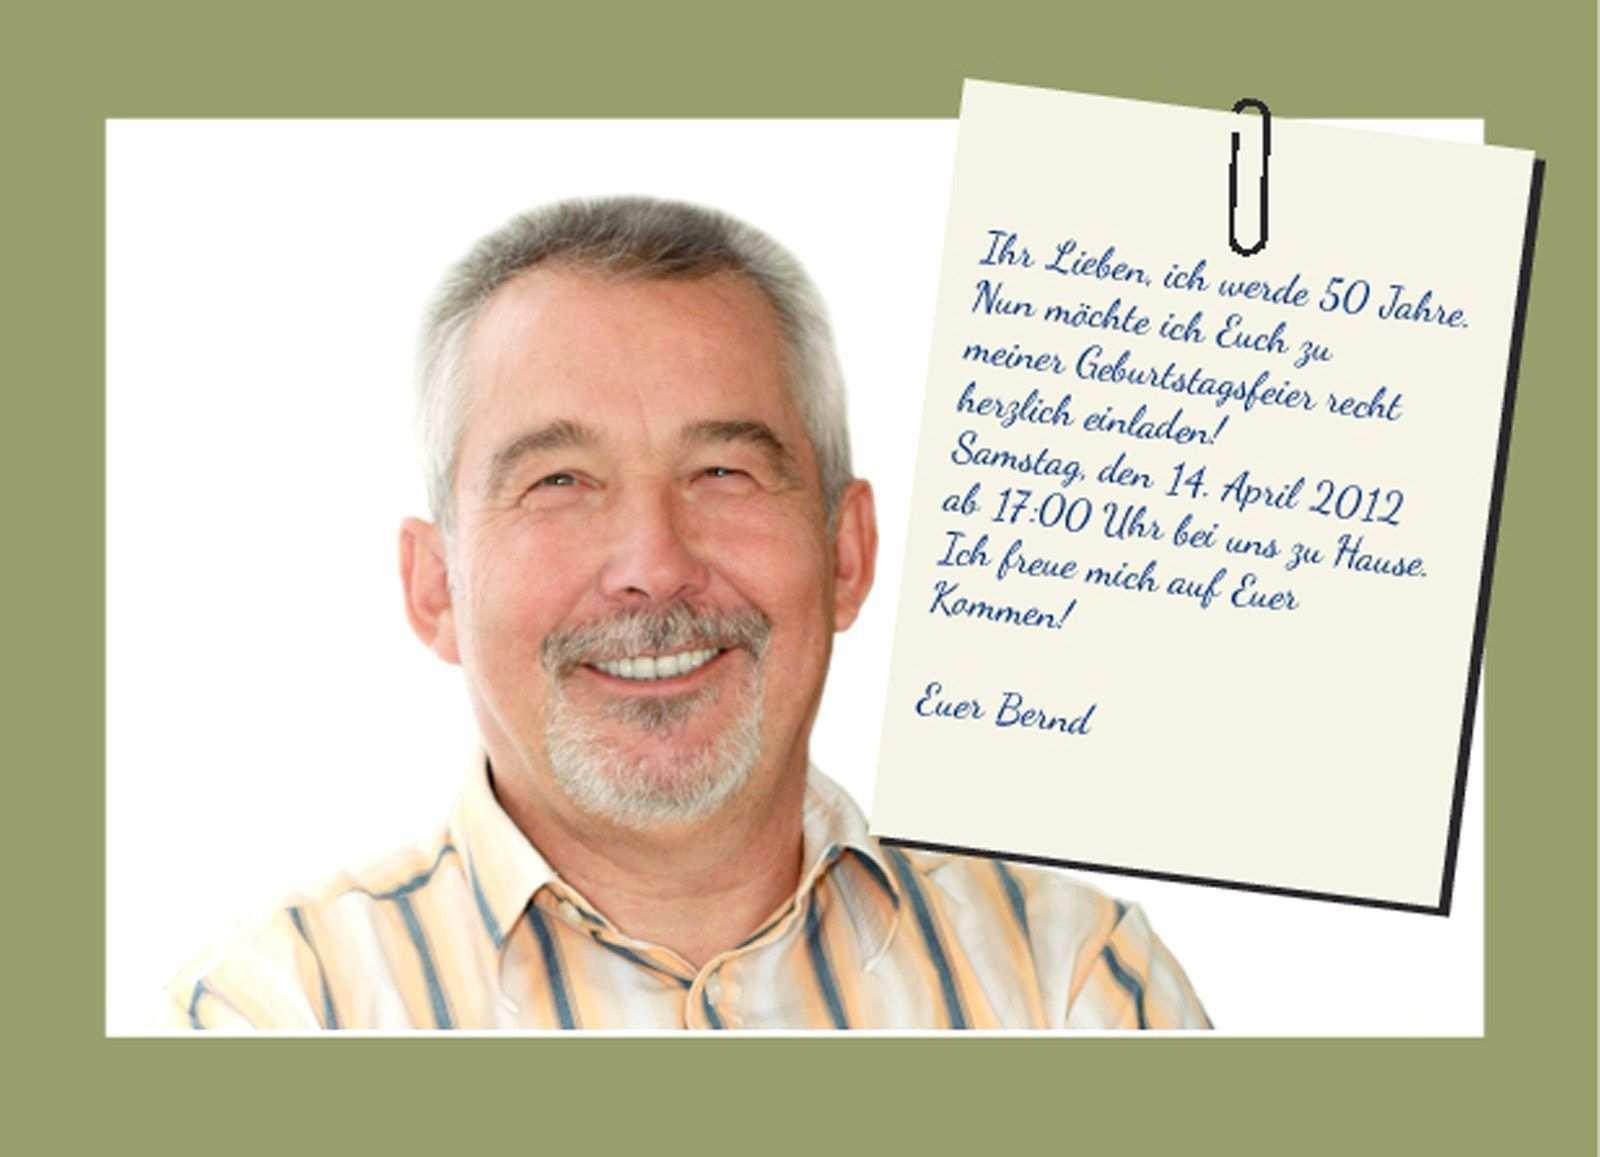 Geburtstag Einladungskarte Einladungskarten 60 Geburtstag Vorlagen Kostenlos Gebu Einladungskarten Geburtstag Einladung Geburtstag Einladung 60 Geburtstag